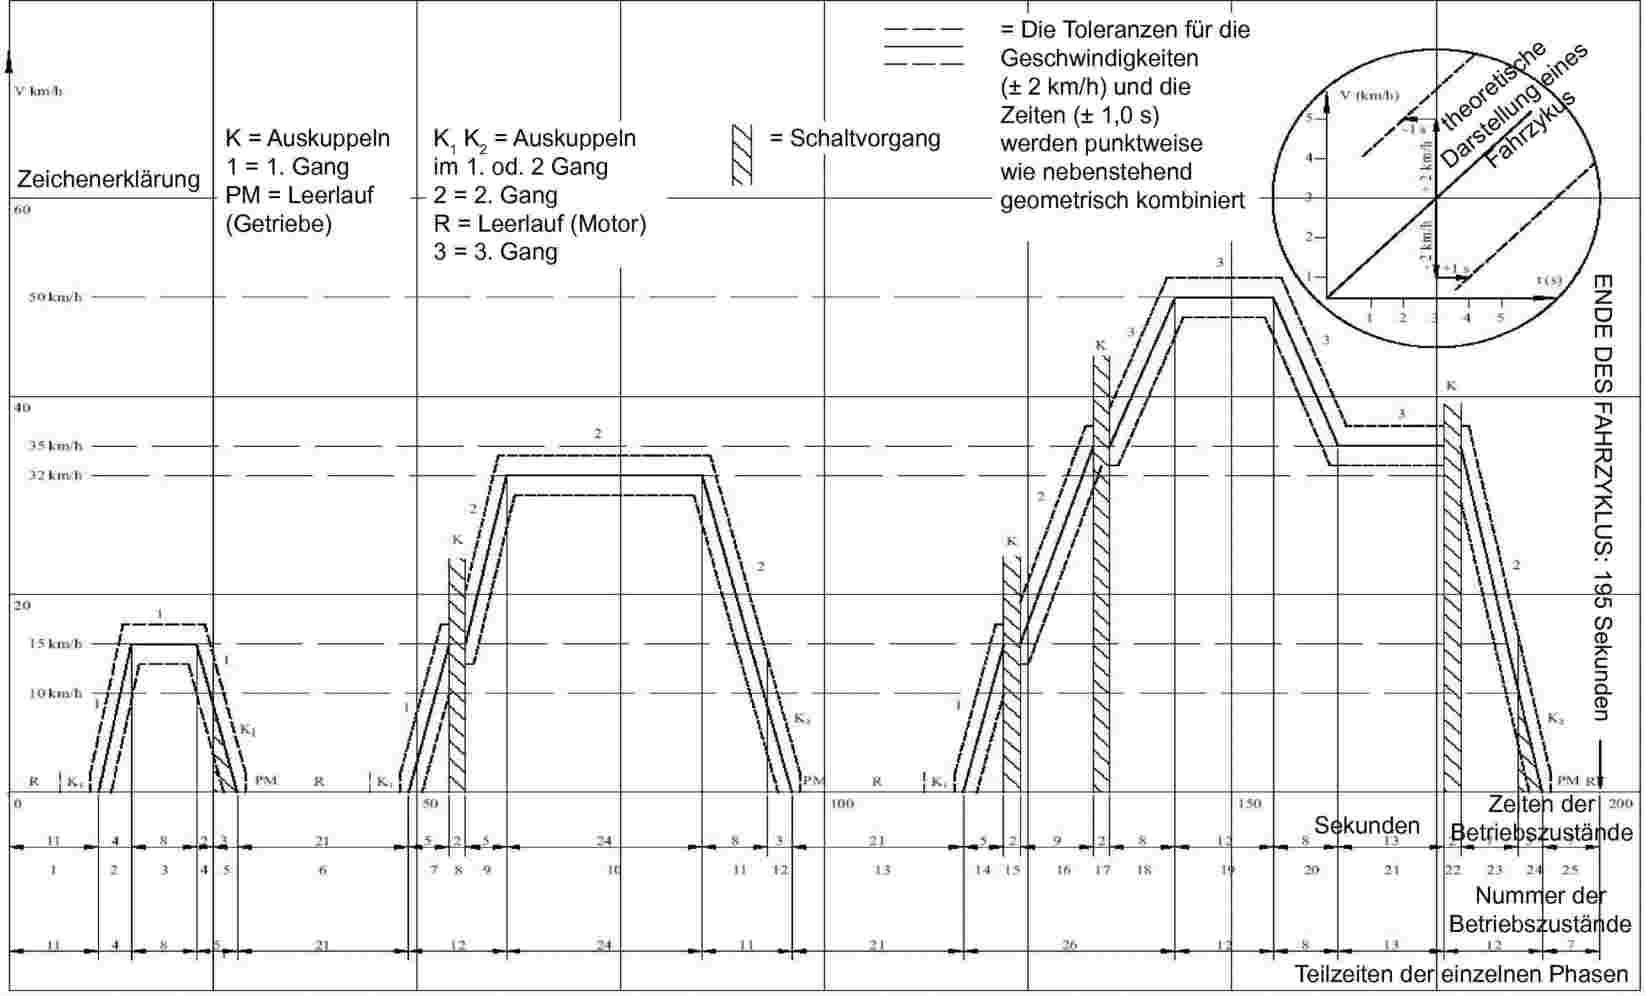 Ungewöhnlich 3 Phasen 2 Gang Motor Schaltplan Bilder - Elektrische ...